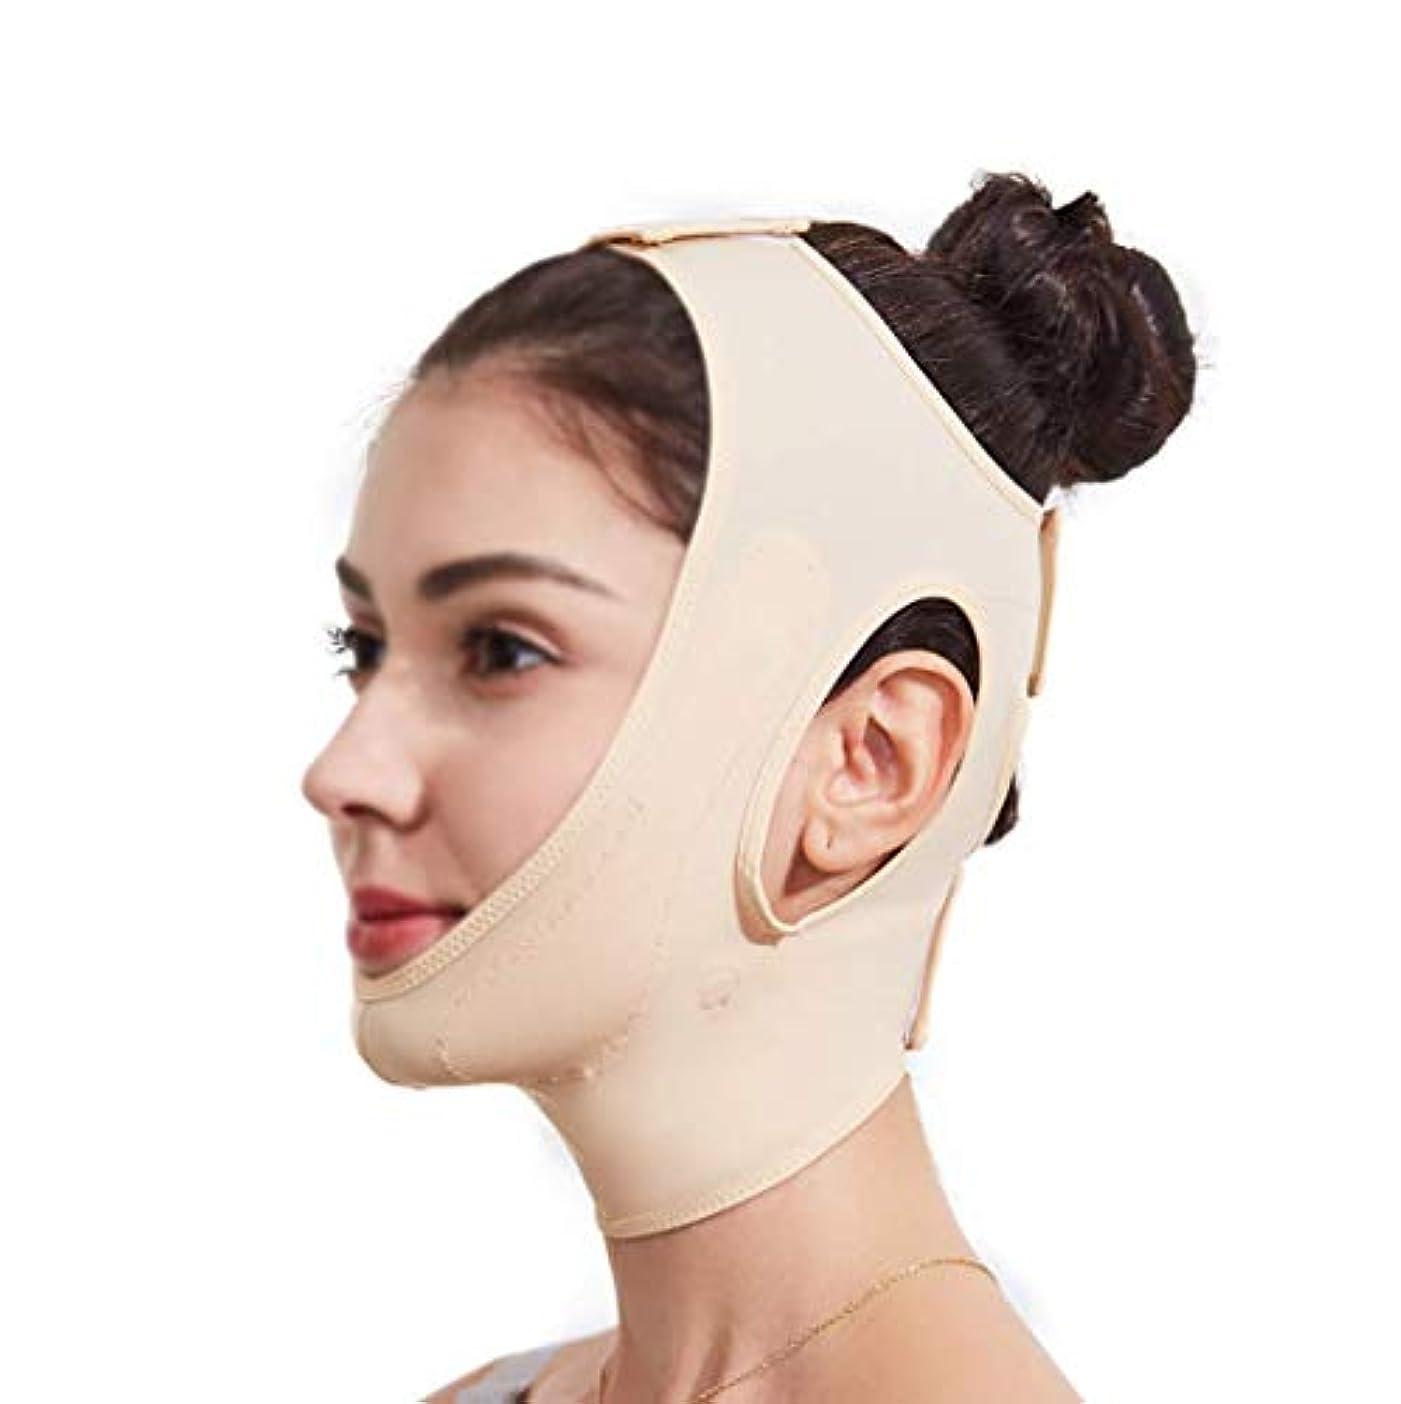 不誠実どこか黒くするフェイスリフティングマスク、360°オールラウンドリフティングフェイシャルコンター、あごを閉じて肌を引き締め、快適でフェイスライトをサポートし、通気性を保ちます(サイズ:ブラック),肌の色